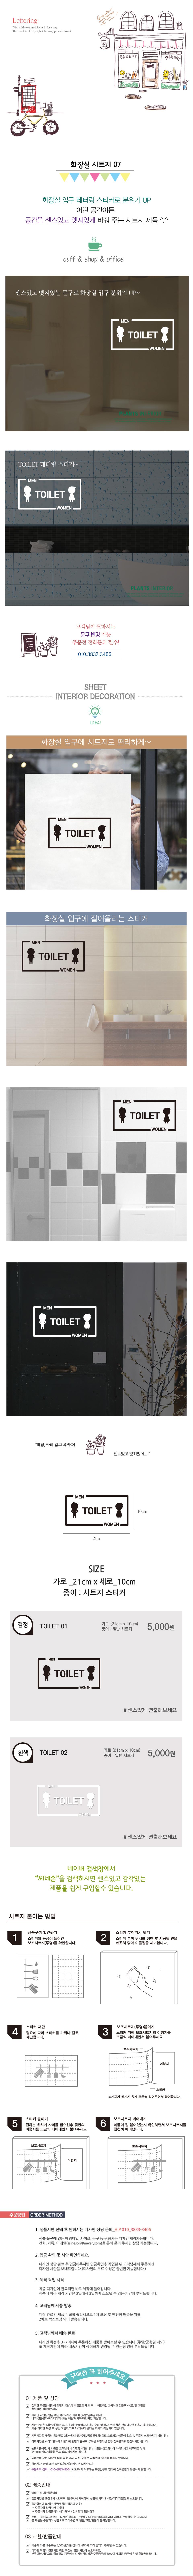 화장실 시트지 07 - 씨네손, 5,000원, 월데코스티커, 레터링/메시지